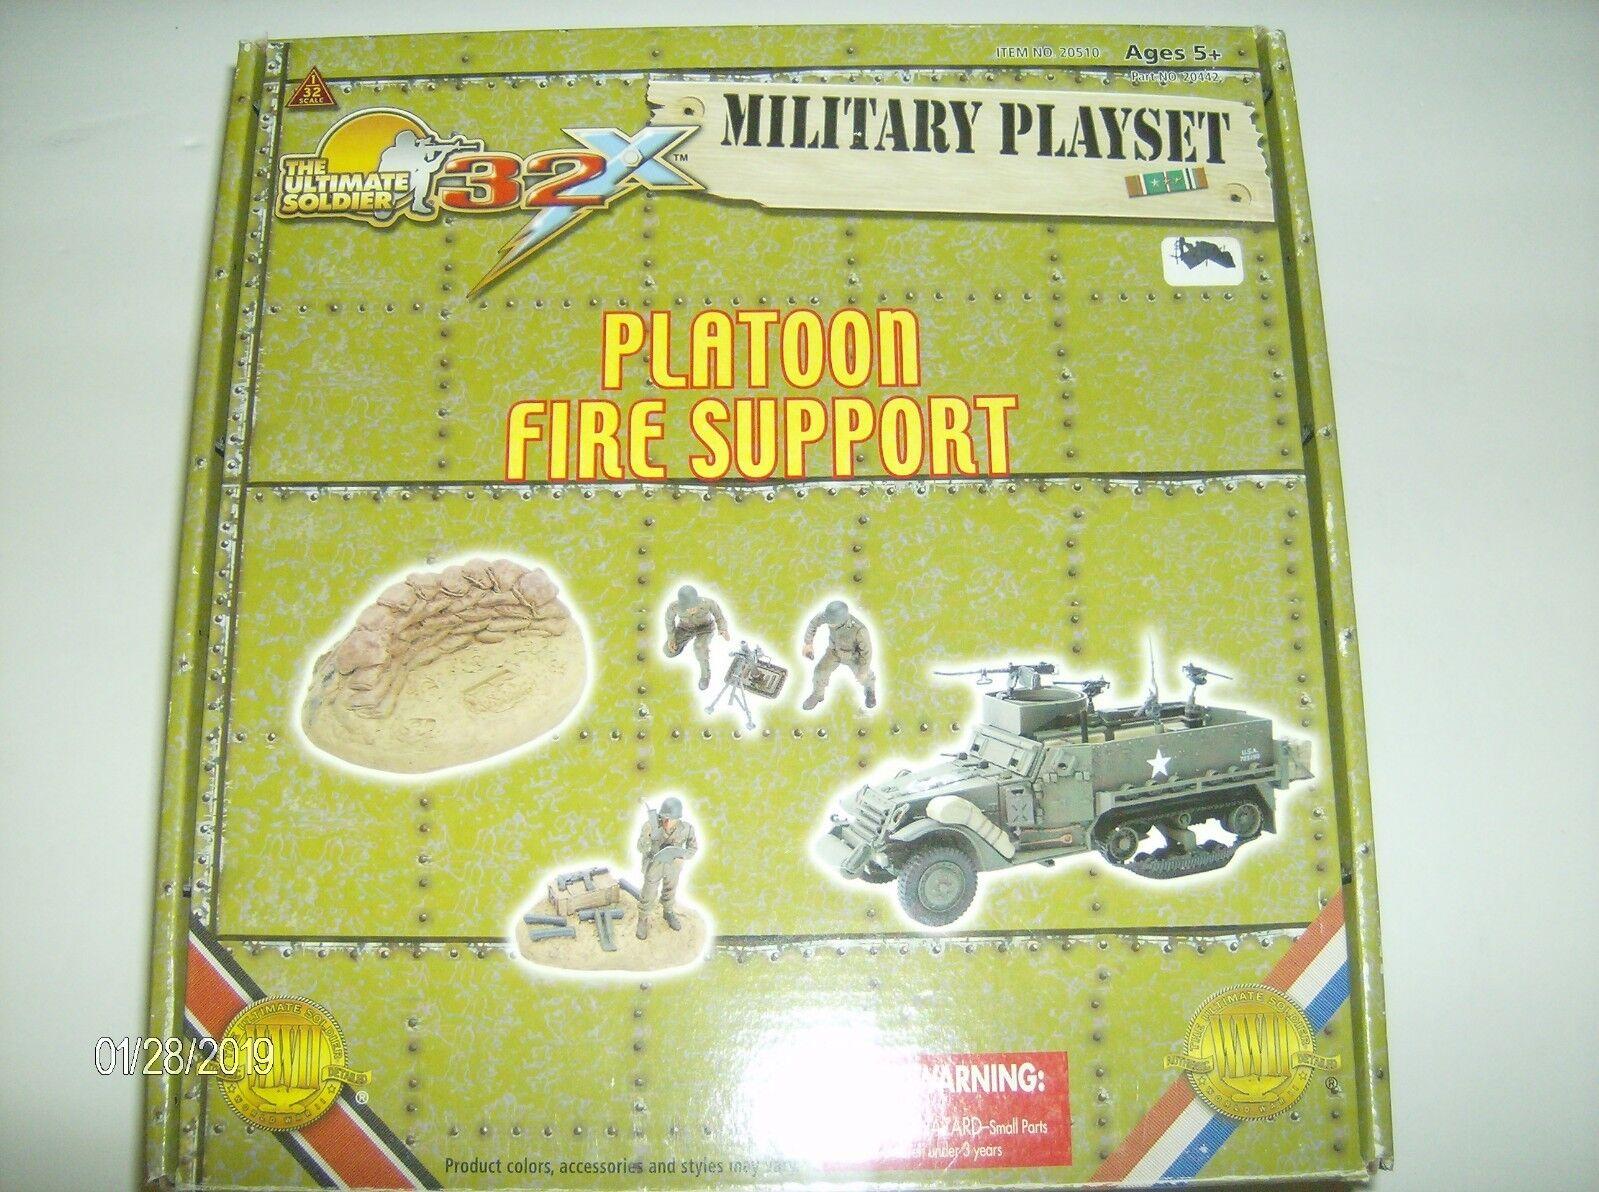 promociones emocionantes 21st 21st 21st Century Juguetes  20442 Platoon fuego soporte de la segunda guerra mundial  muchas concesiones